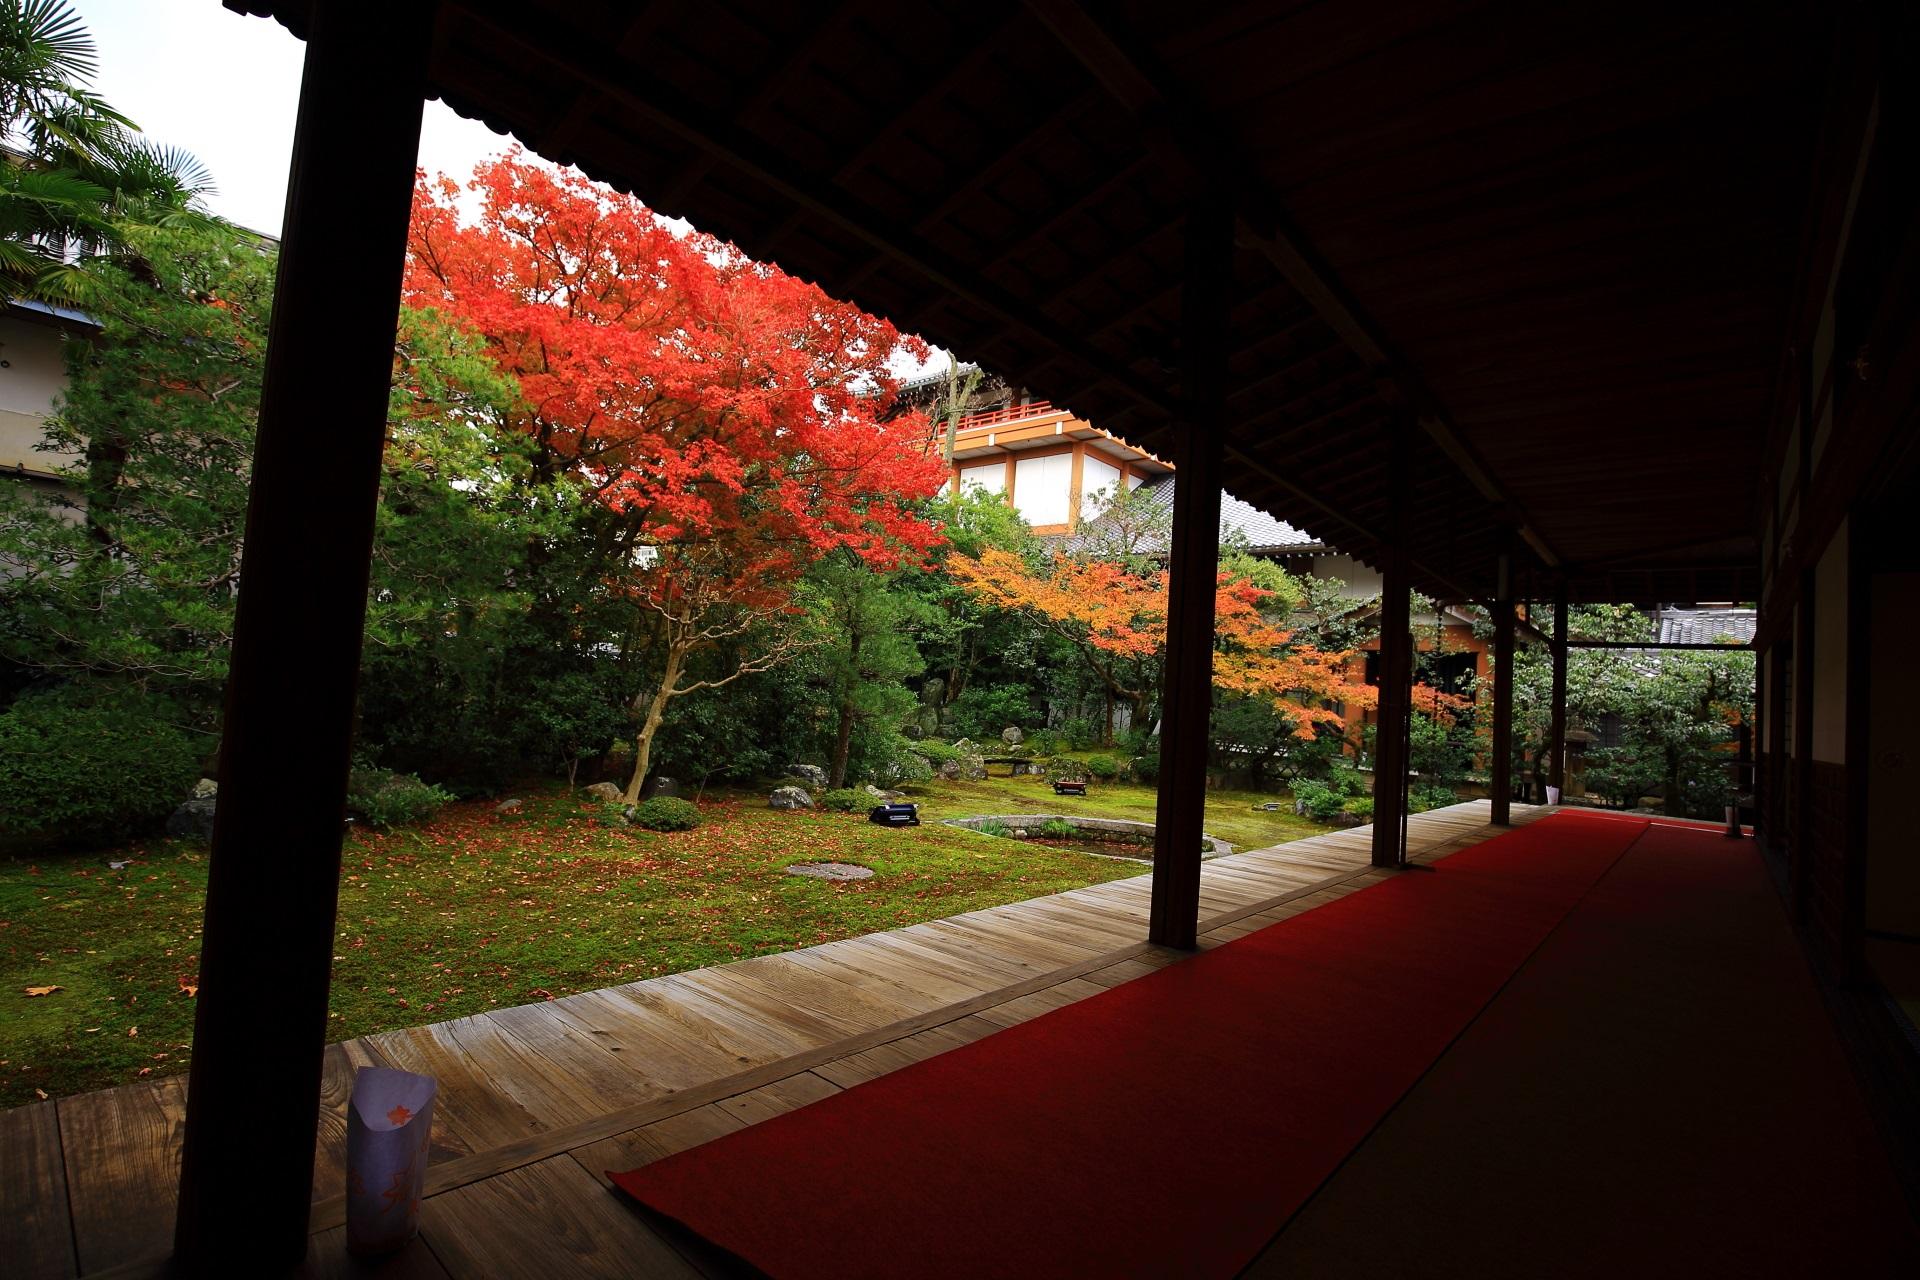 落ち着いた秋の空間が広がる本法寺